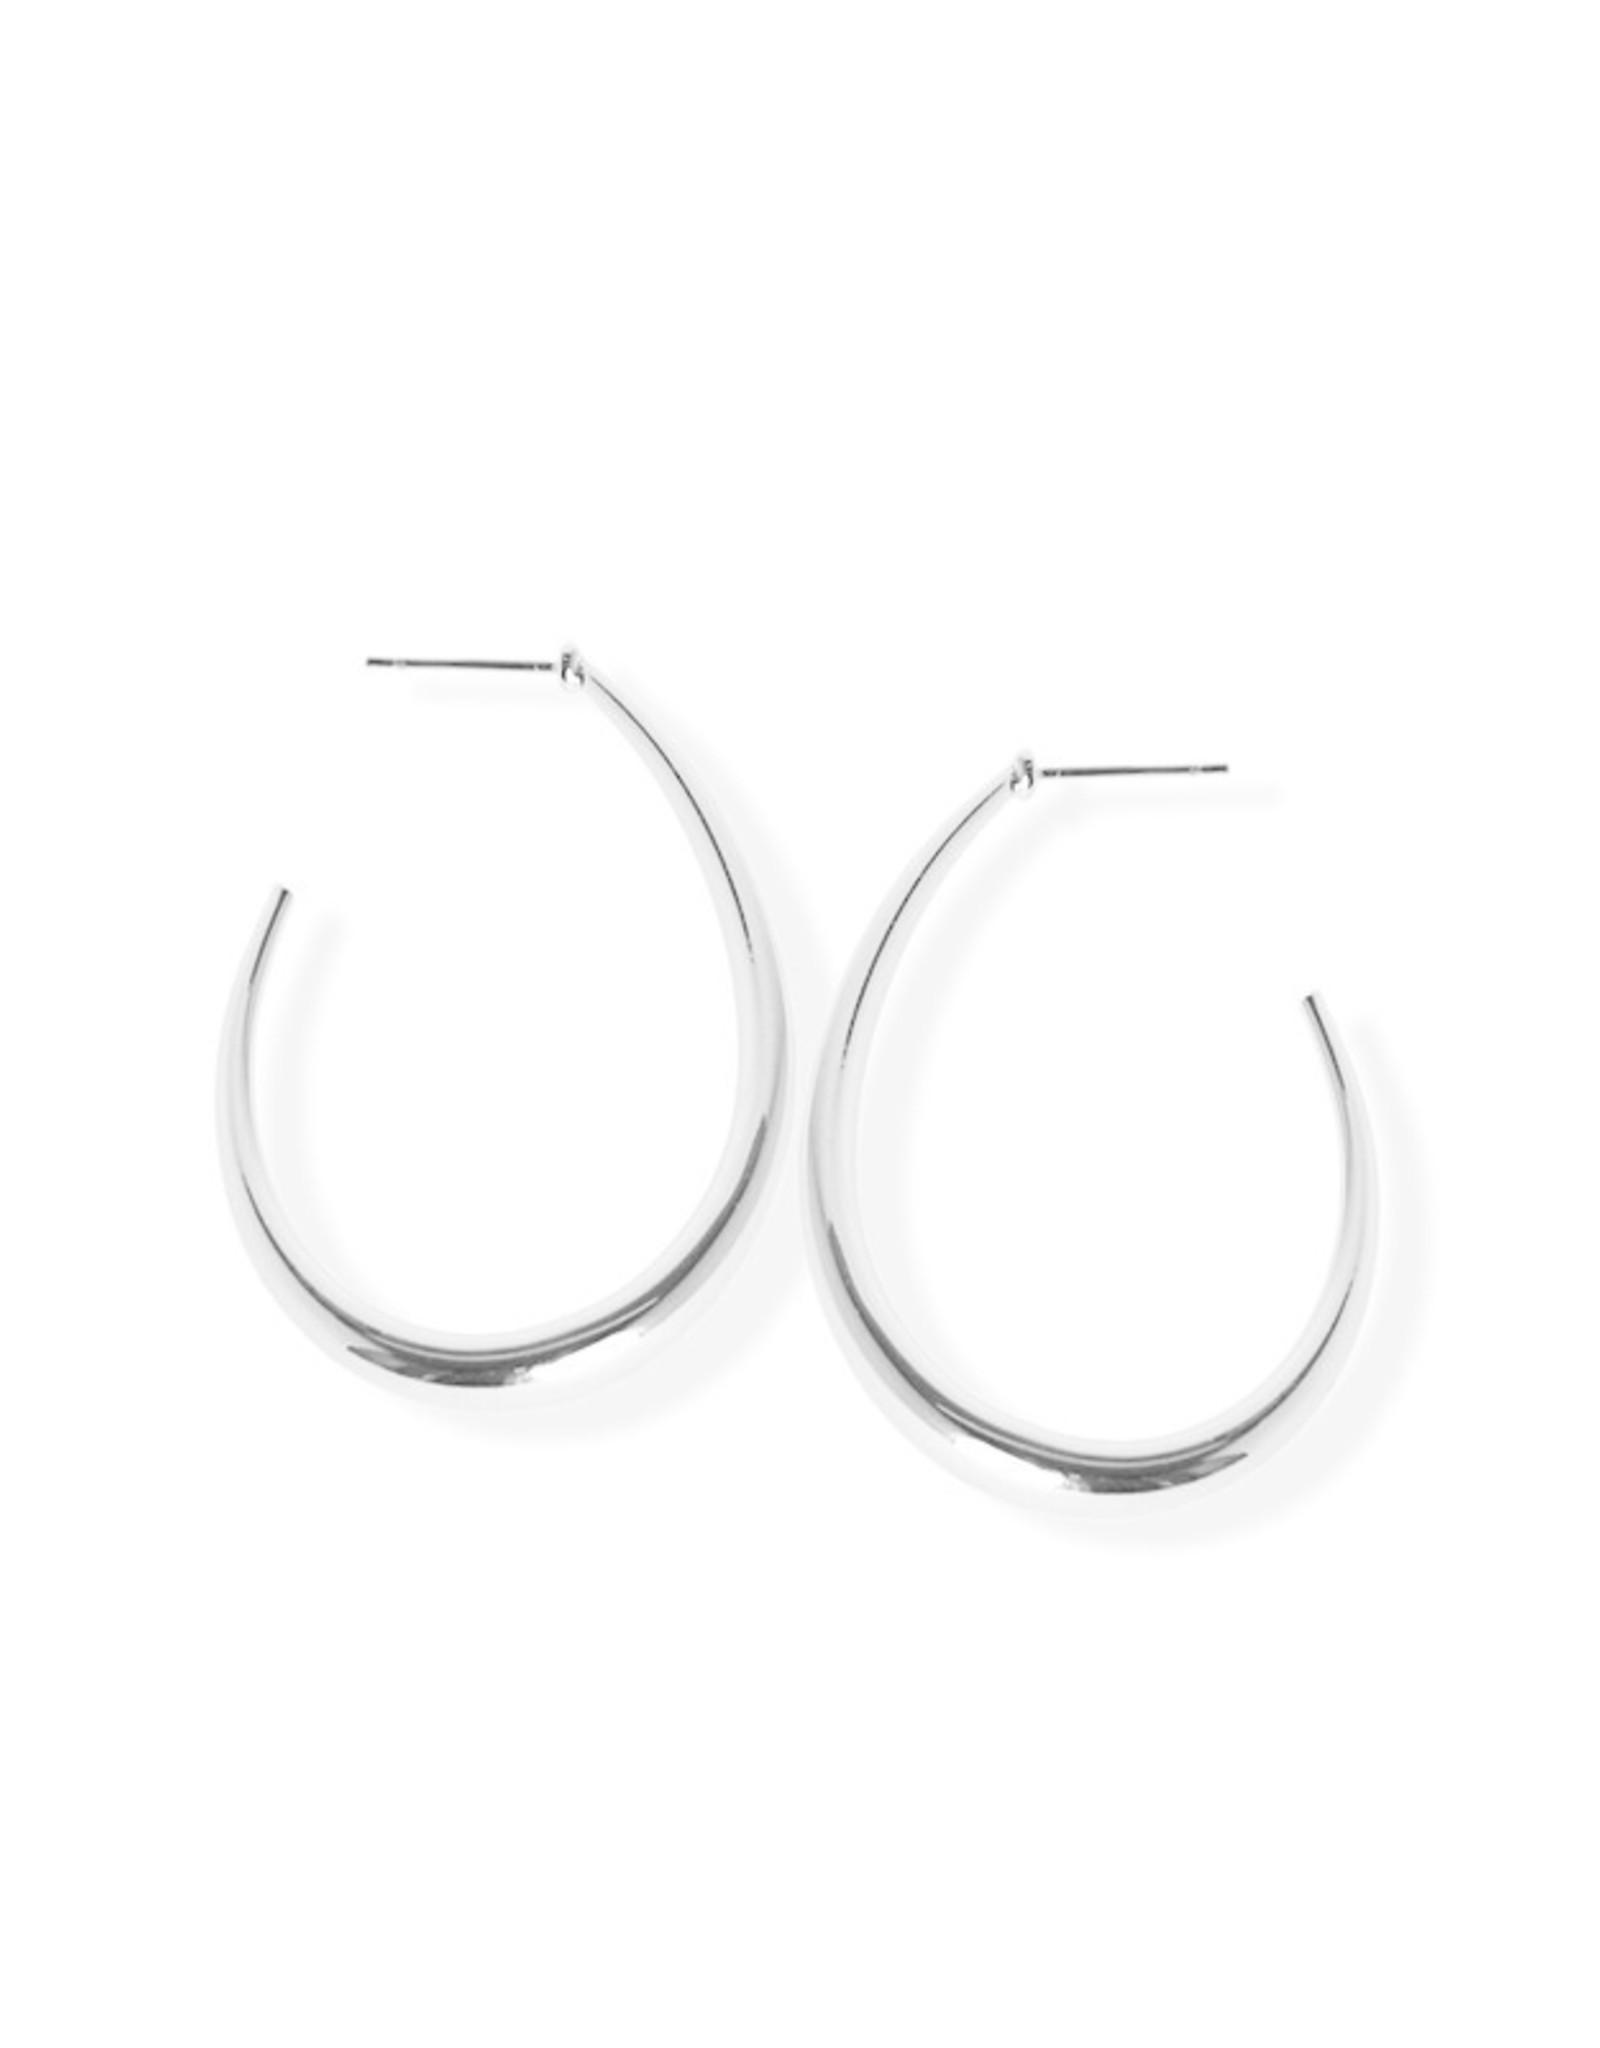 Fab accessories Boucle d'oreilles - Anneaux en acier inoxydable